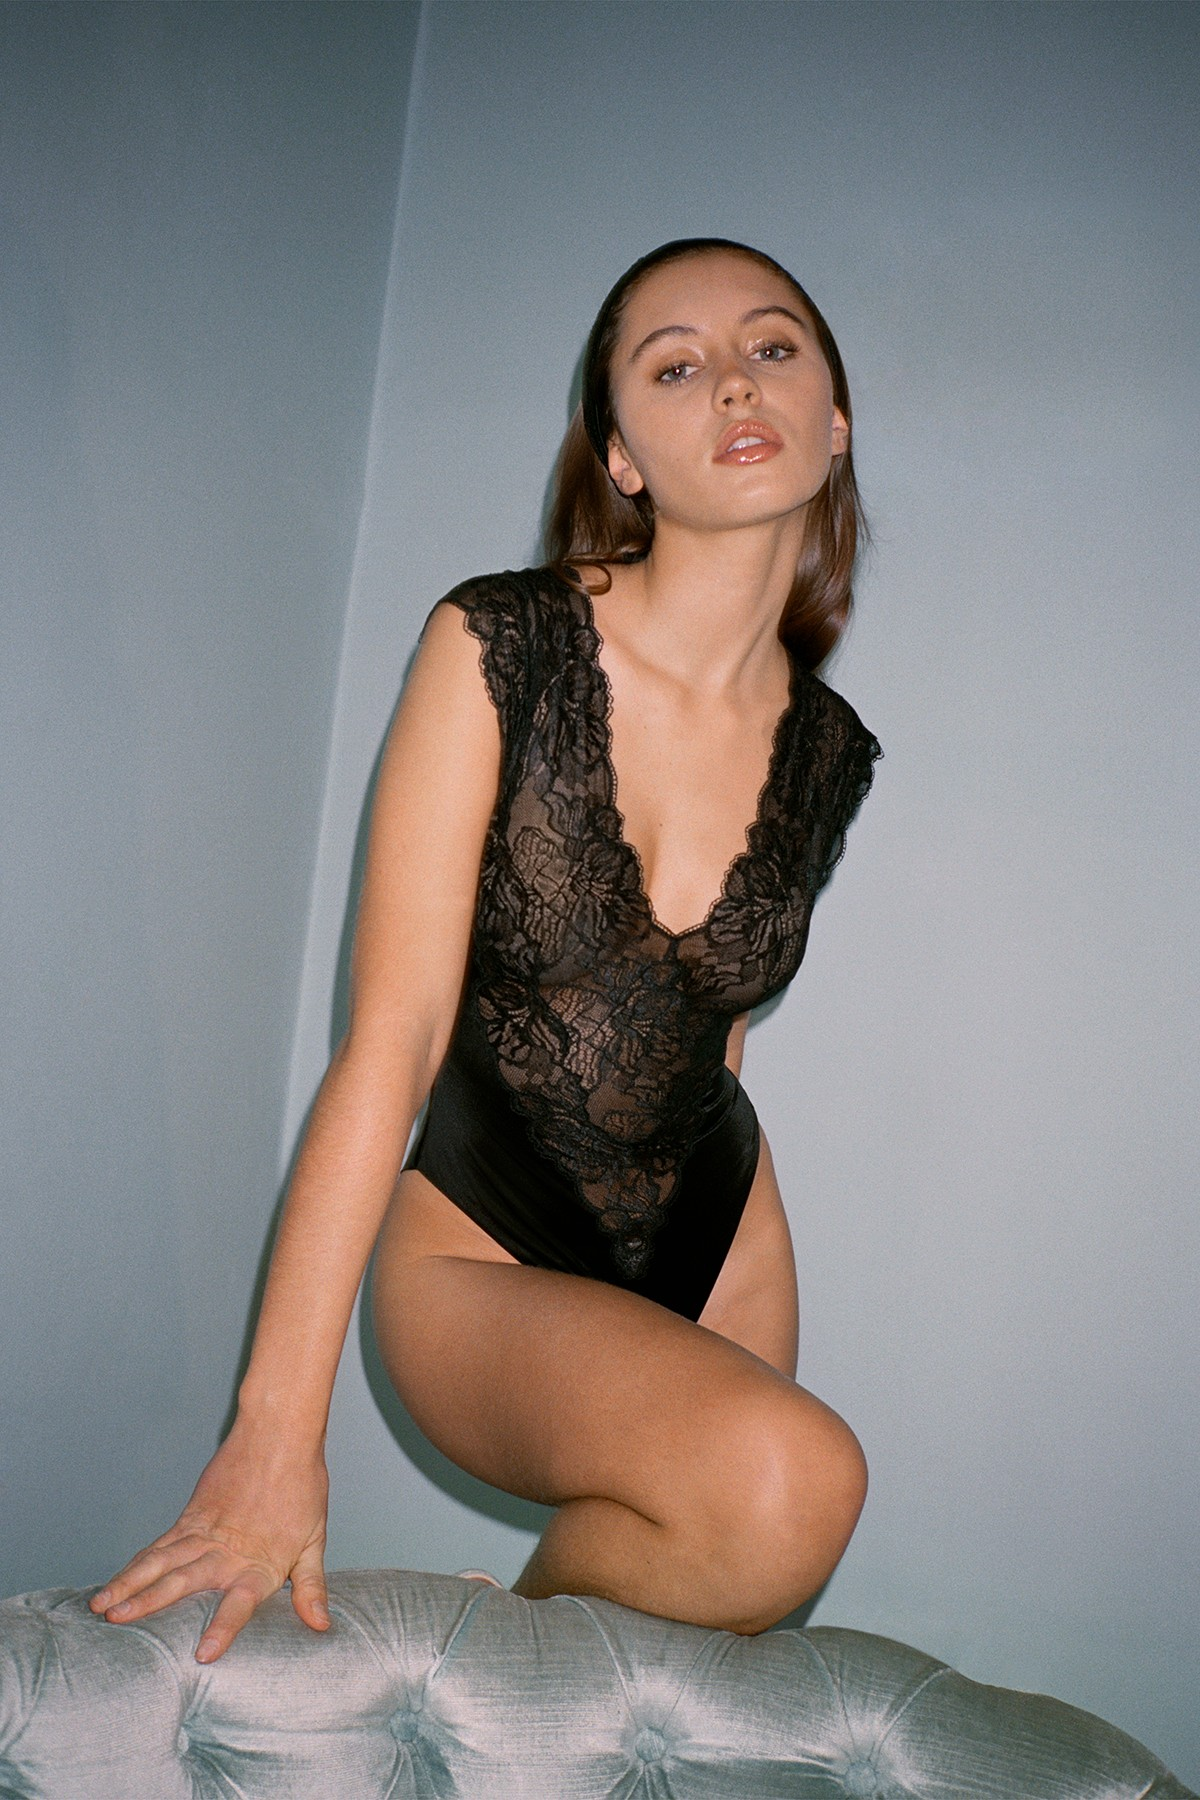 Дочь Джуда Лоу примерила белье в стиле 1980-х для новой кампании La Perla (фото 1)